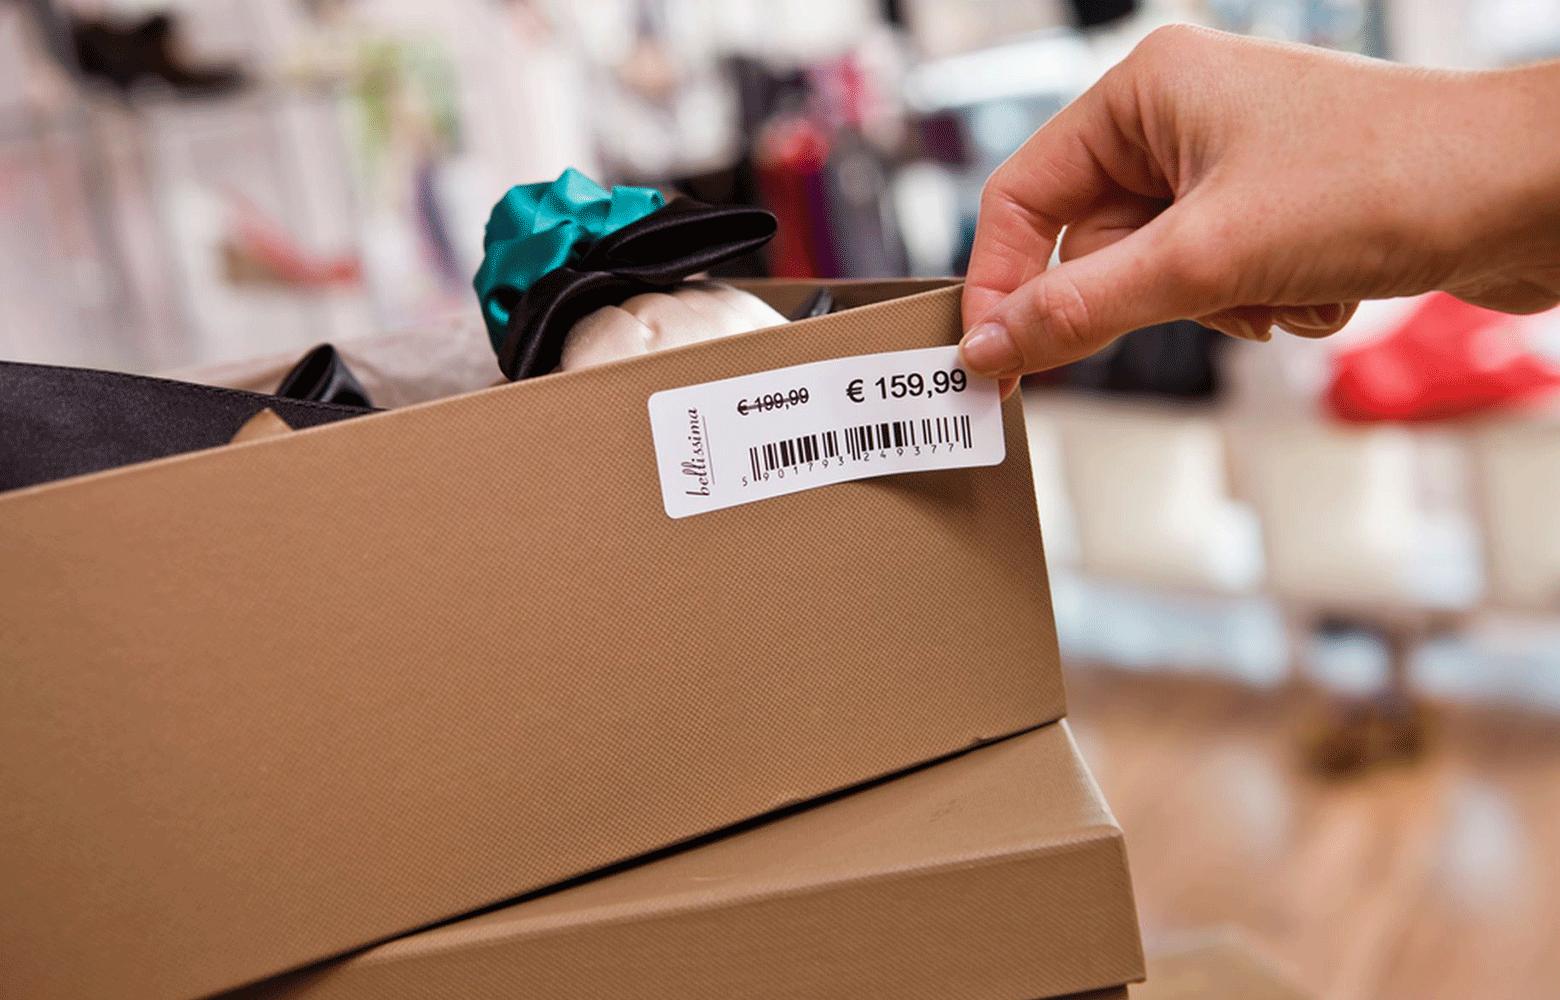 En butikkansatt fester en etikett med strekkode og pris på en skoeske